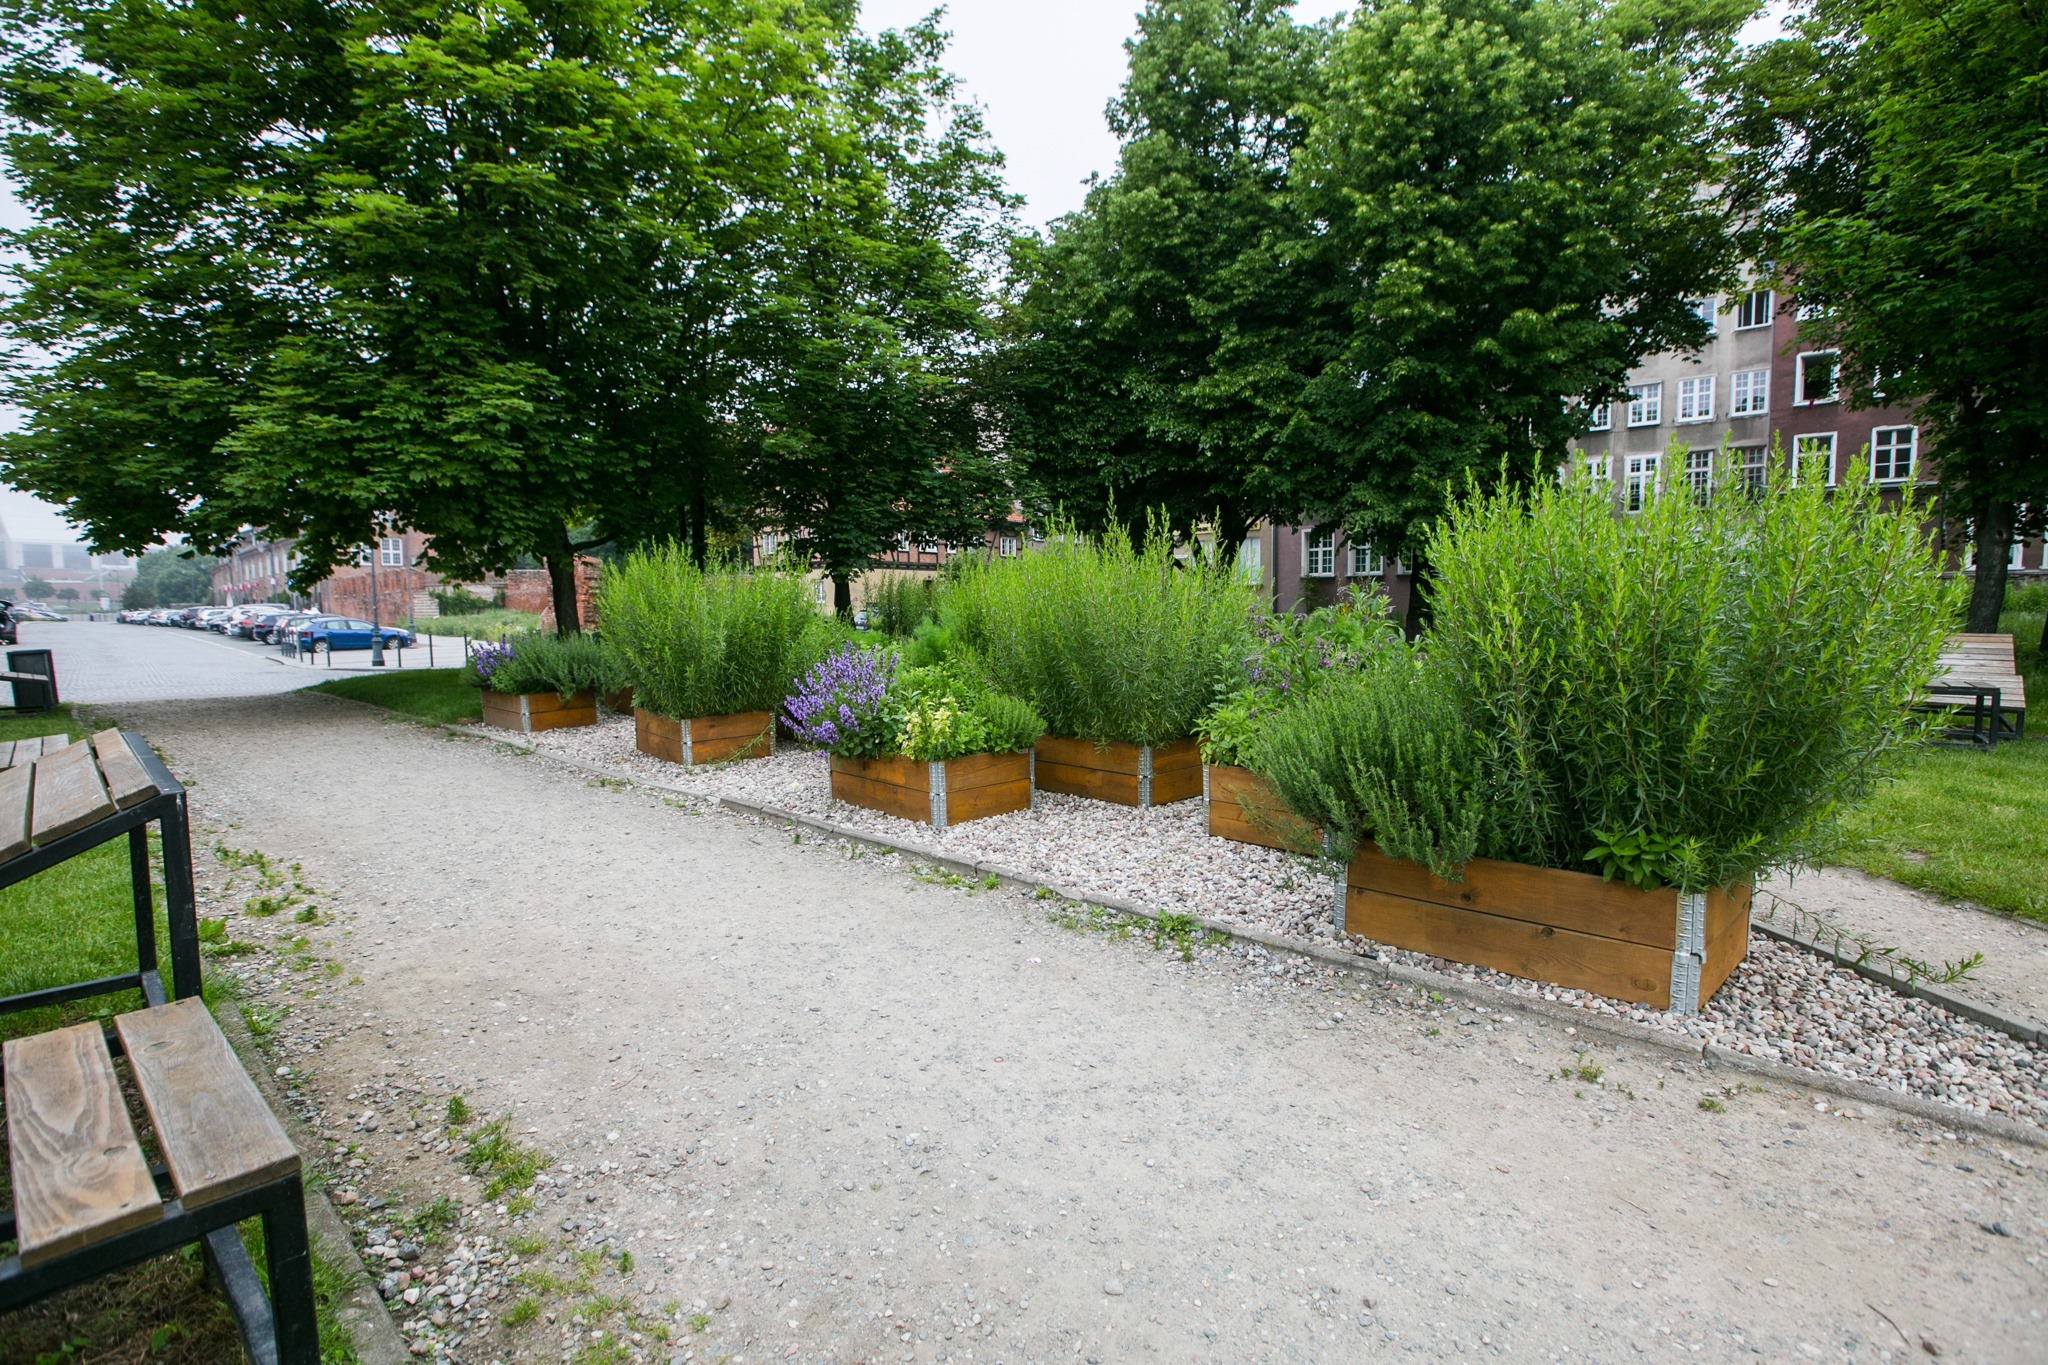 Zioła na ulicach - miejskie farmy w Gdańsku